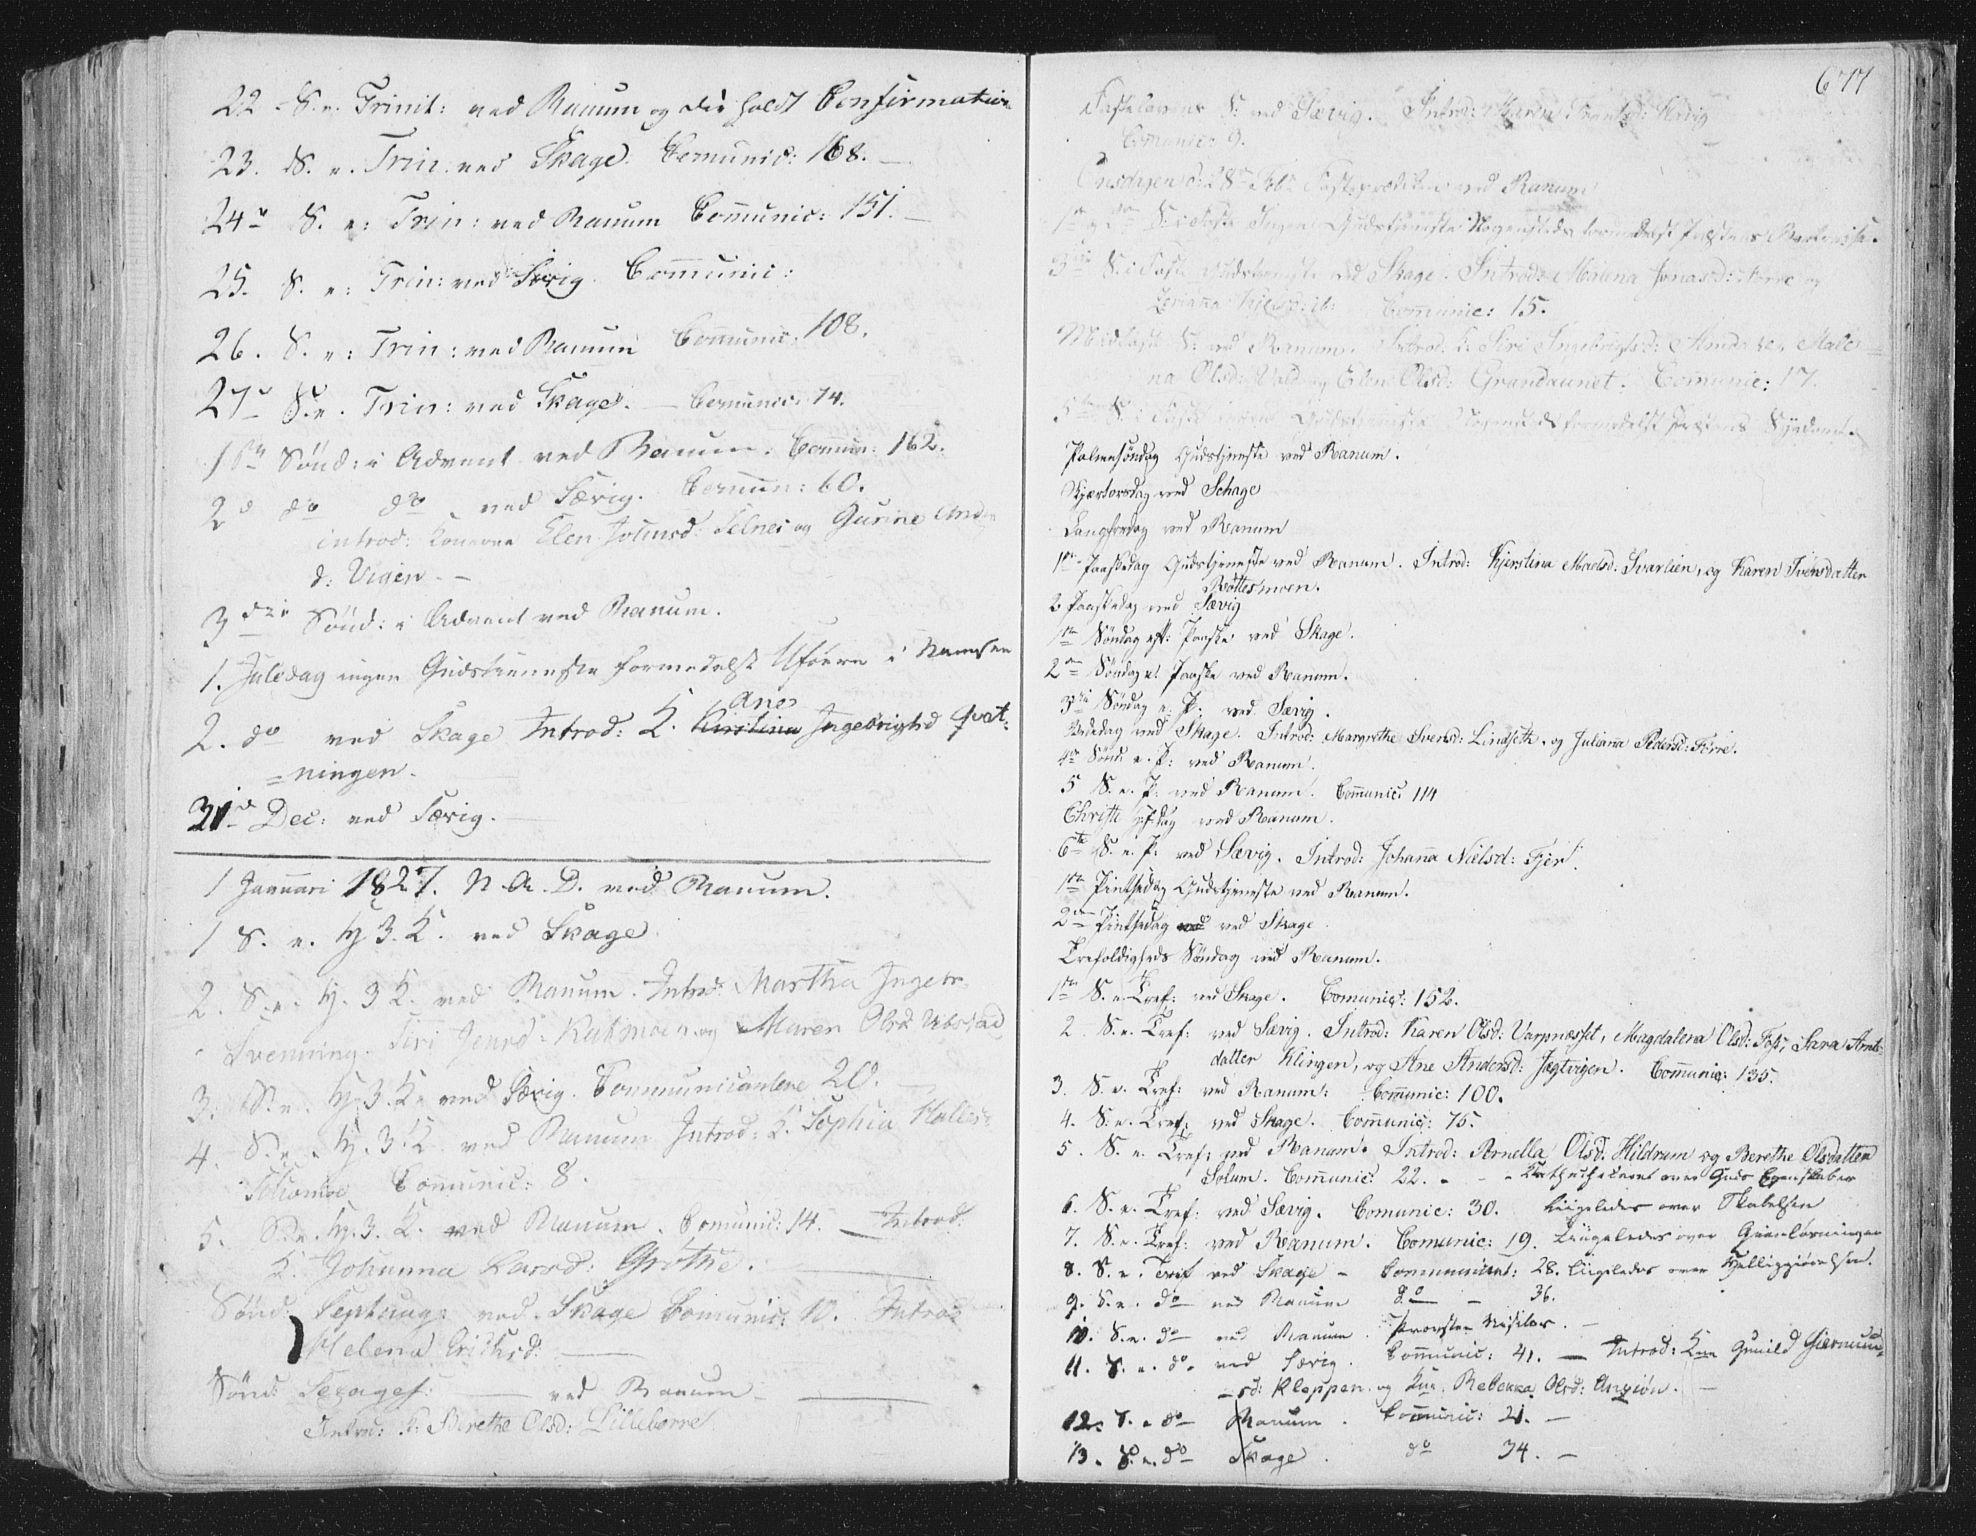 SAT, Ministerialprotokoller, klokkerbøker og fødselsregistre - Nord-Trøndelag, 764/L0552: Ministerialbok nr. 764A07b, 1824-1865, s. 677